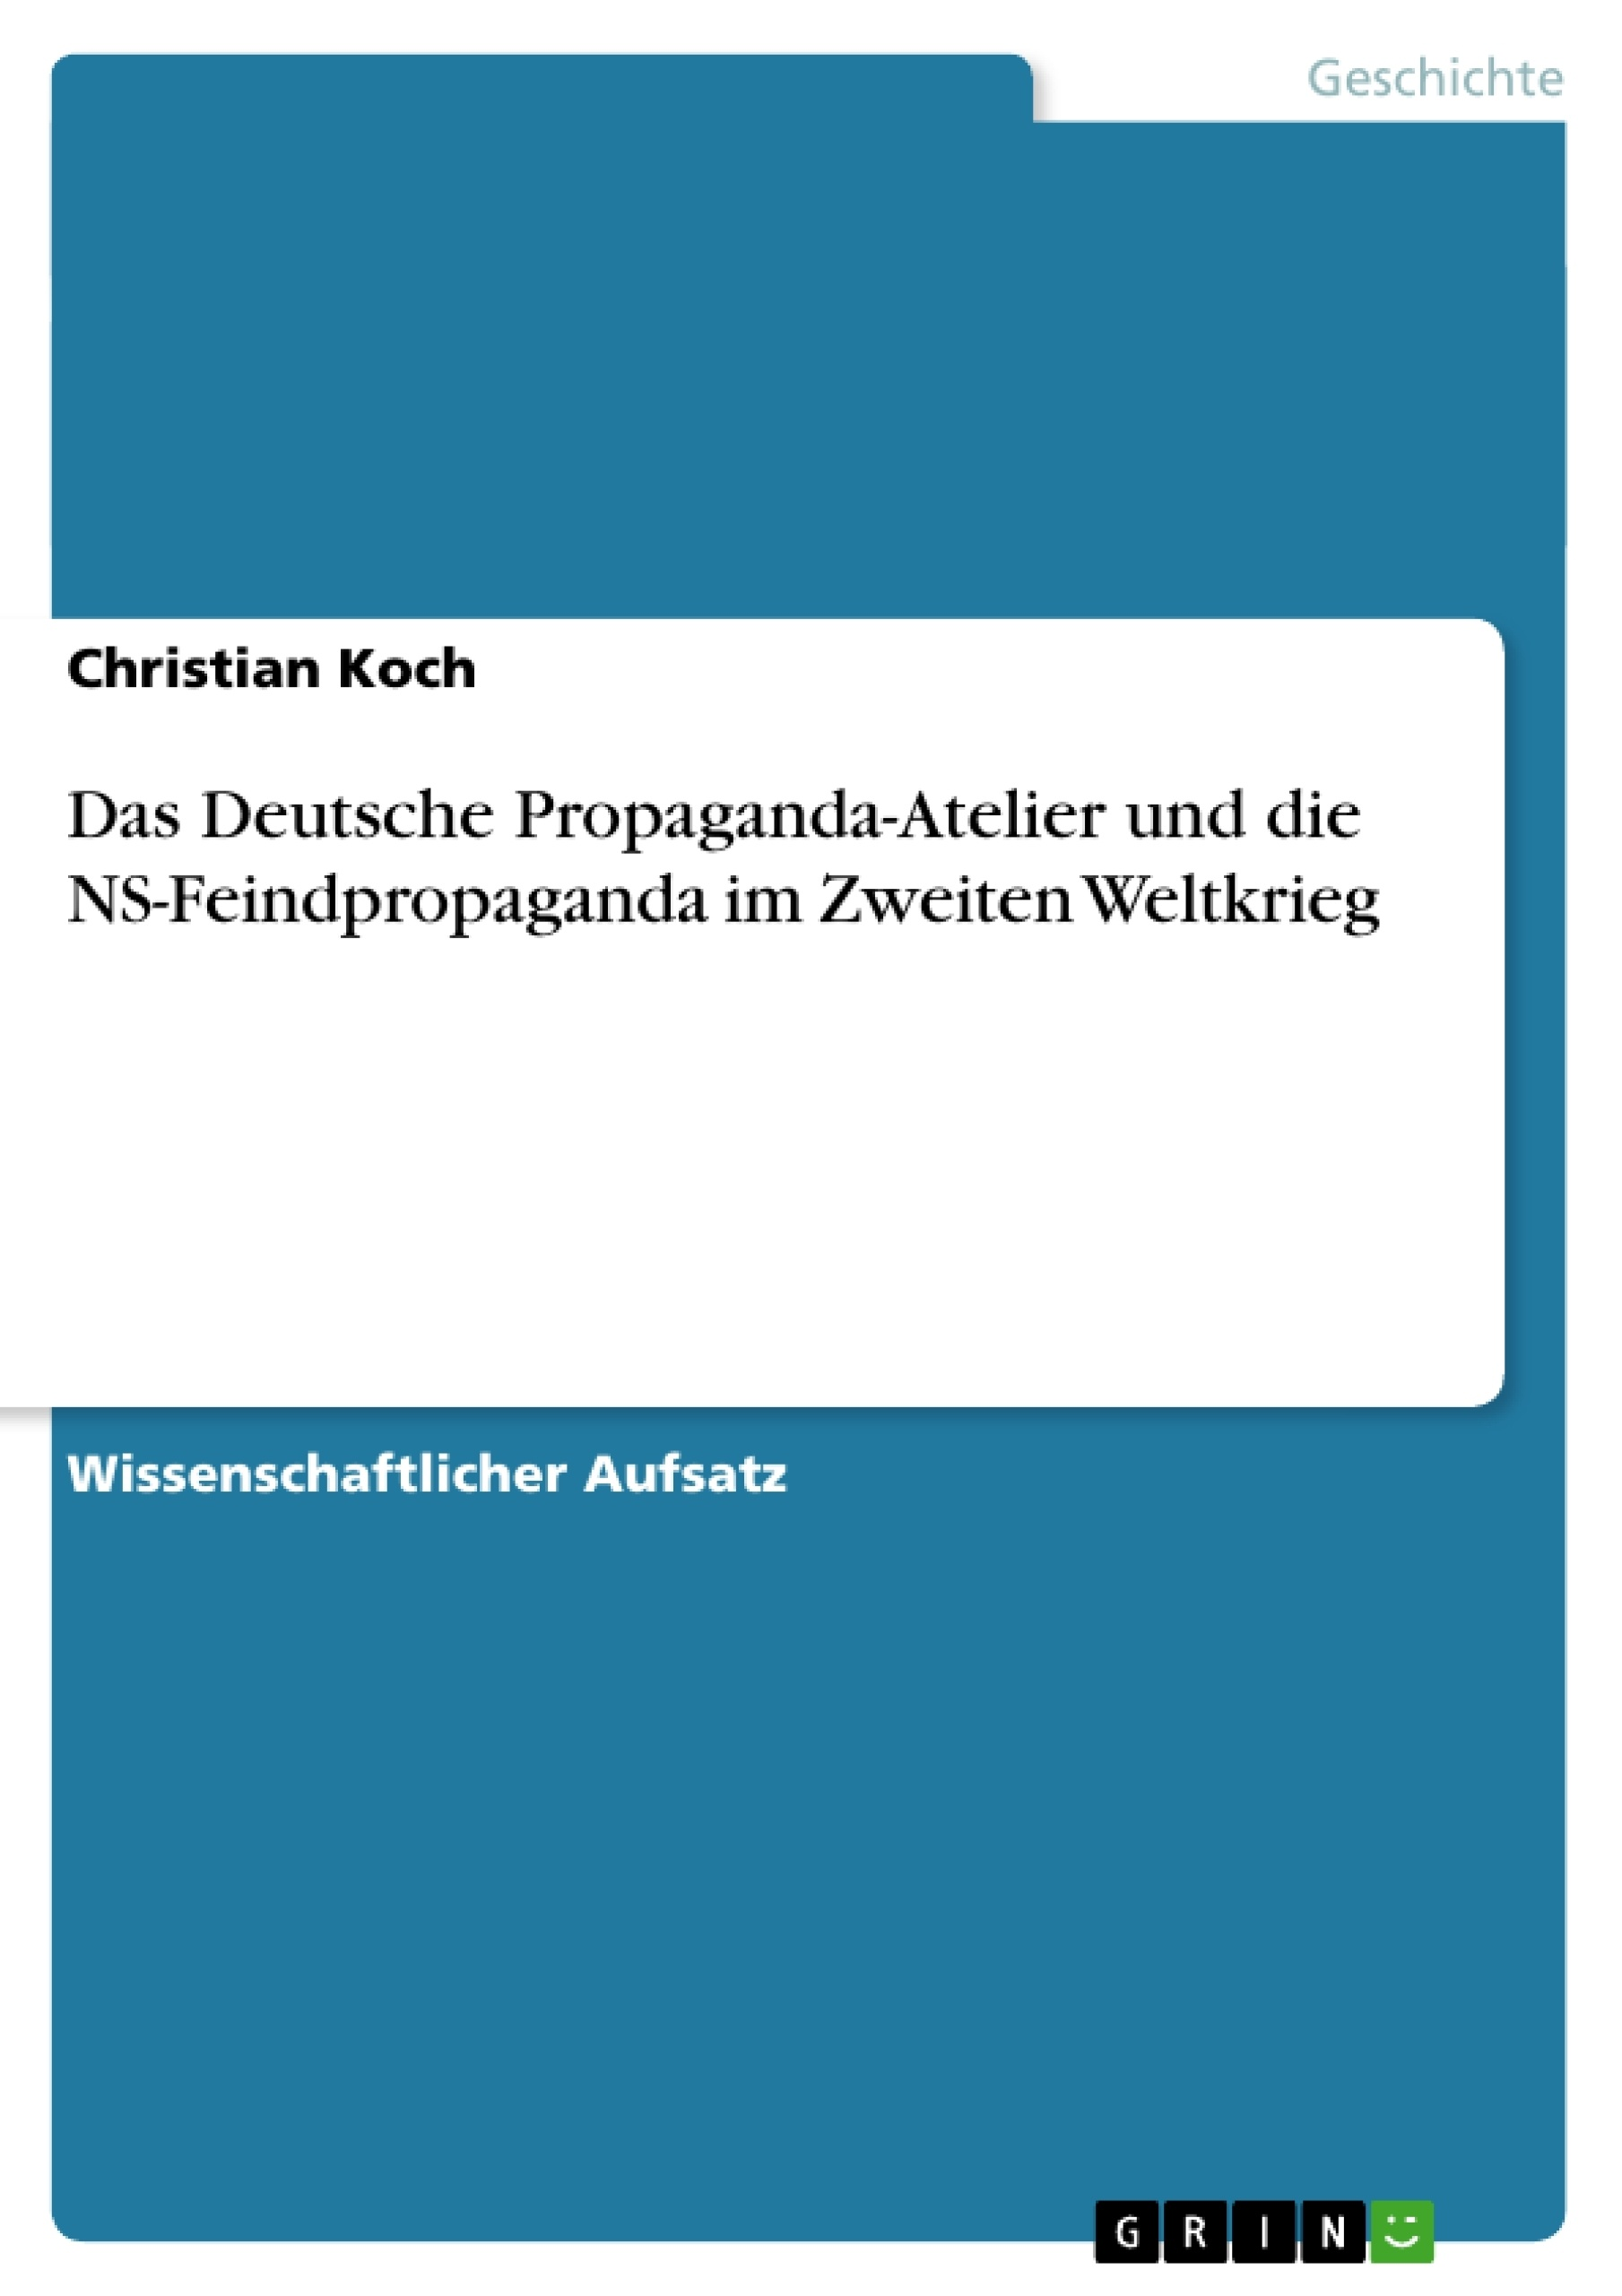 Titel: Das Deutsche Propaganda-Atelier und die NS-Feindpropaganda im Zweiten Weltkrieg